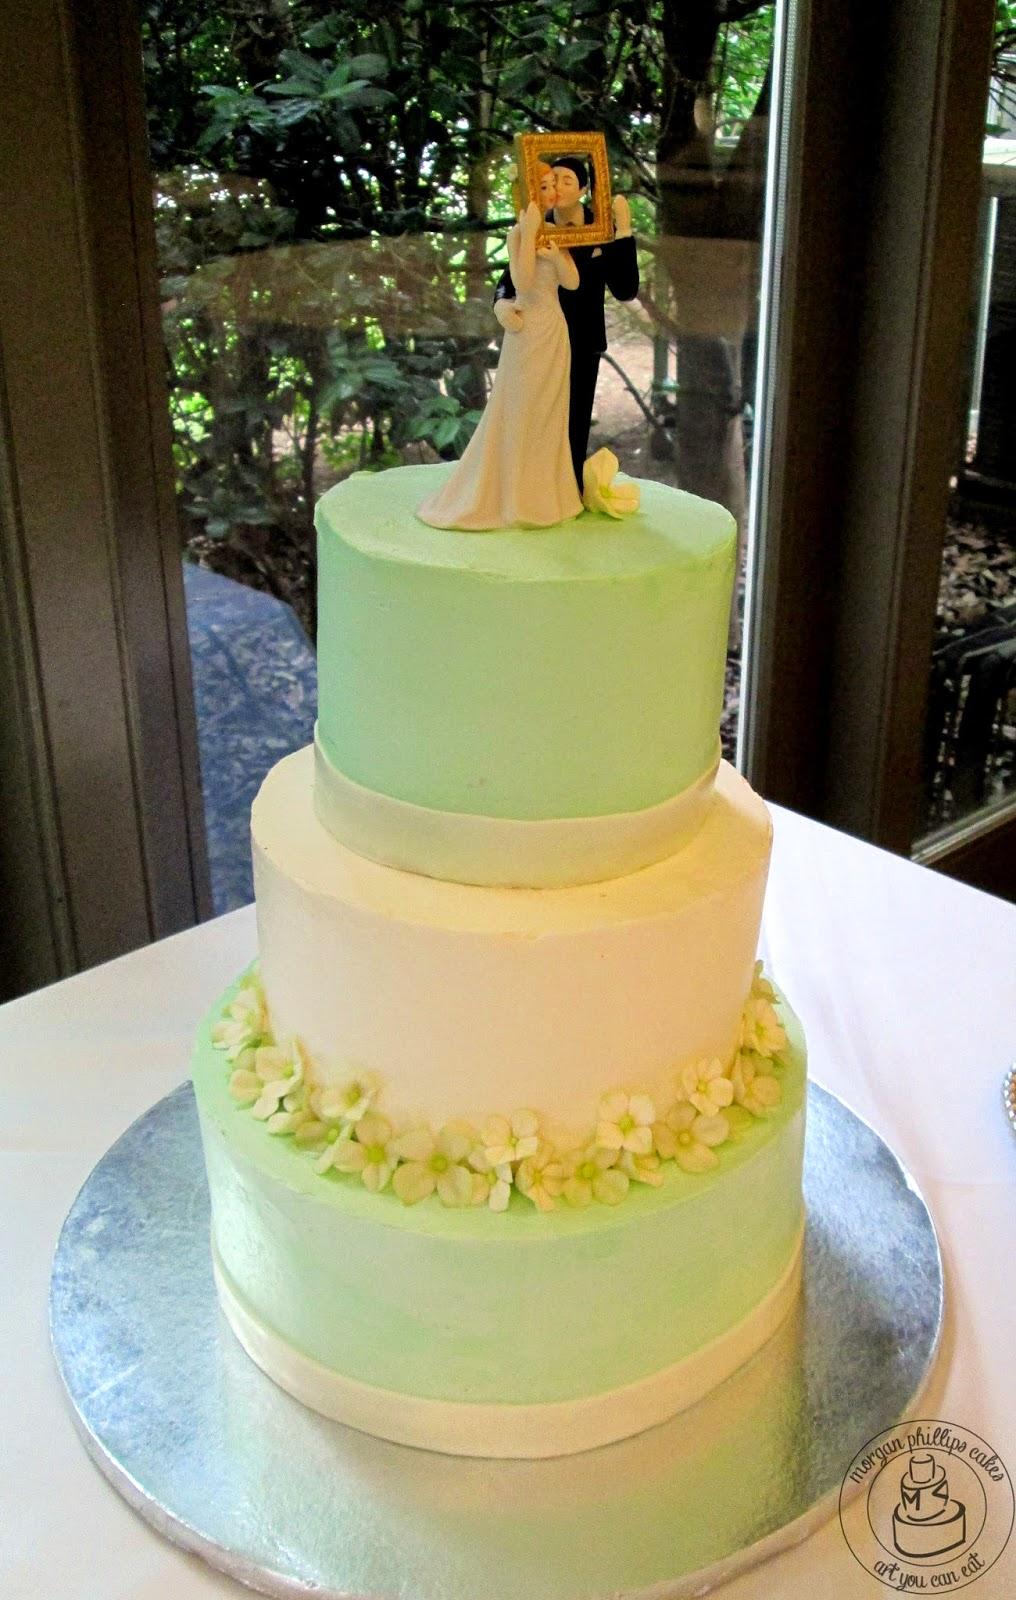 Morgan Phillips Cakes: Green and White Garden Wedding Cake